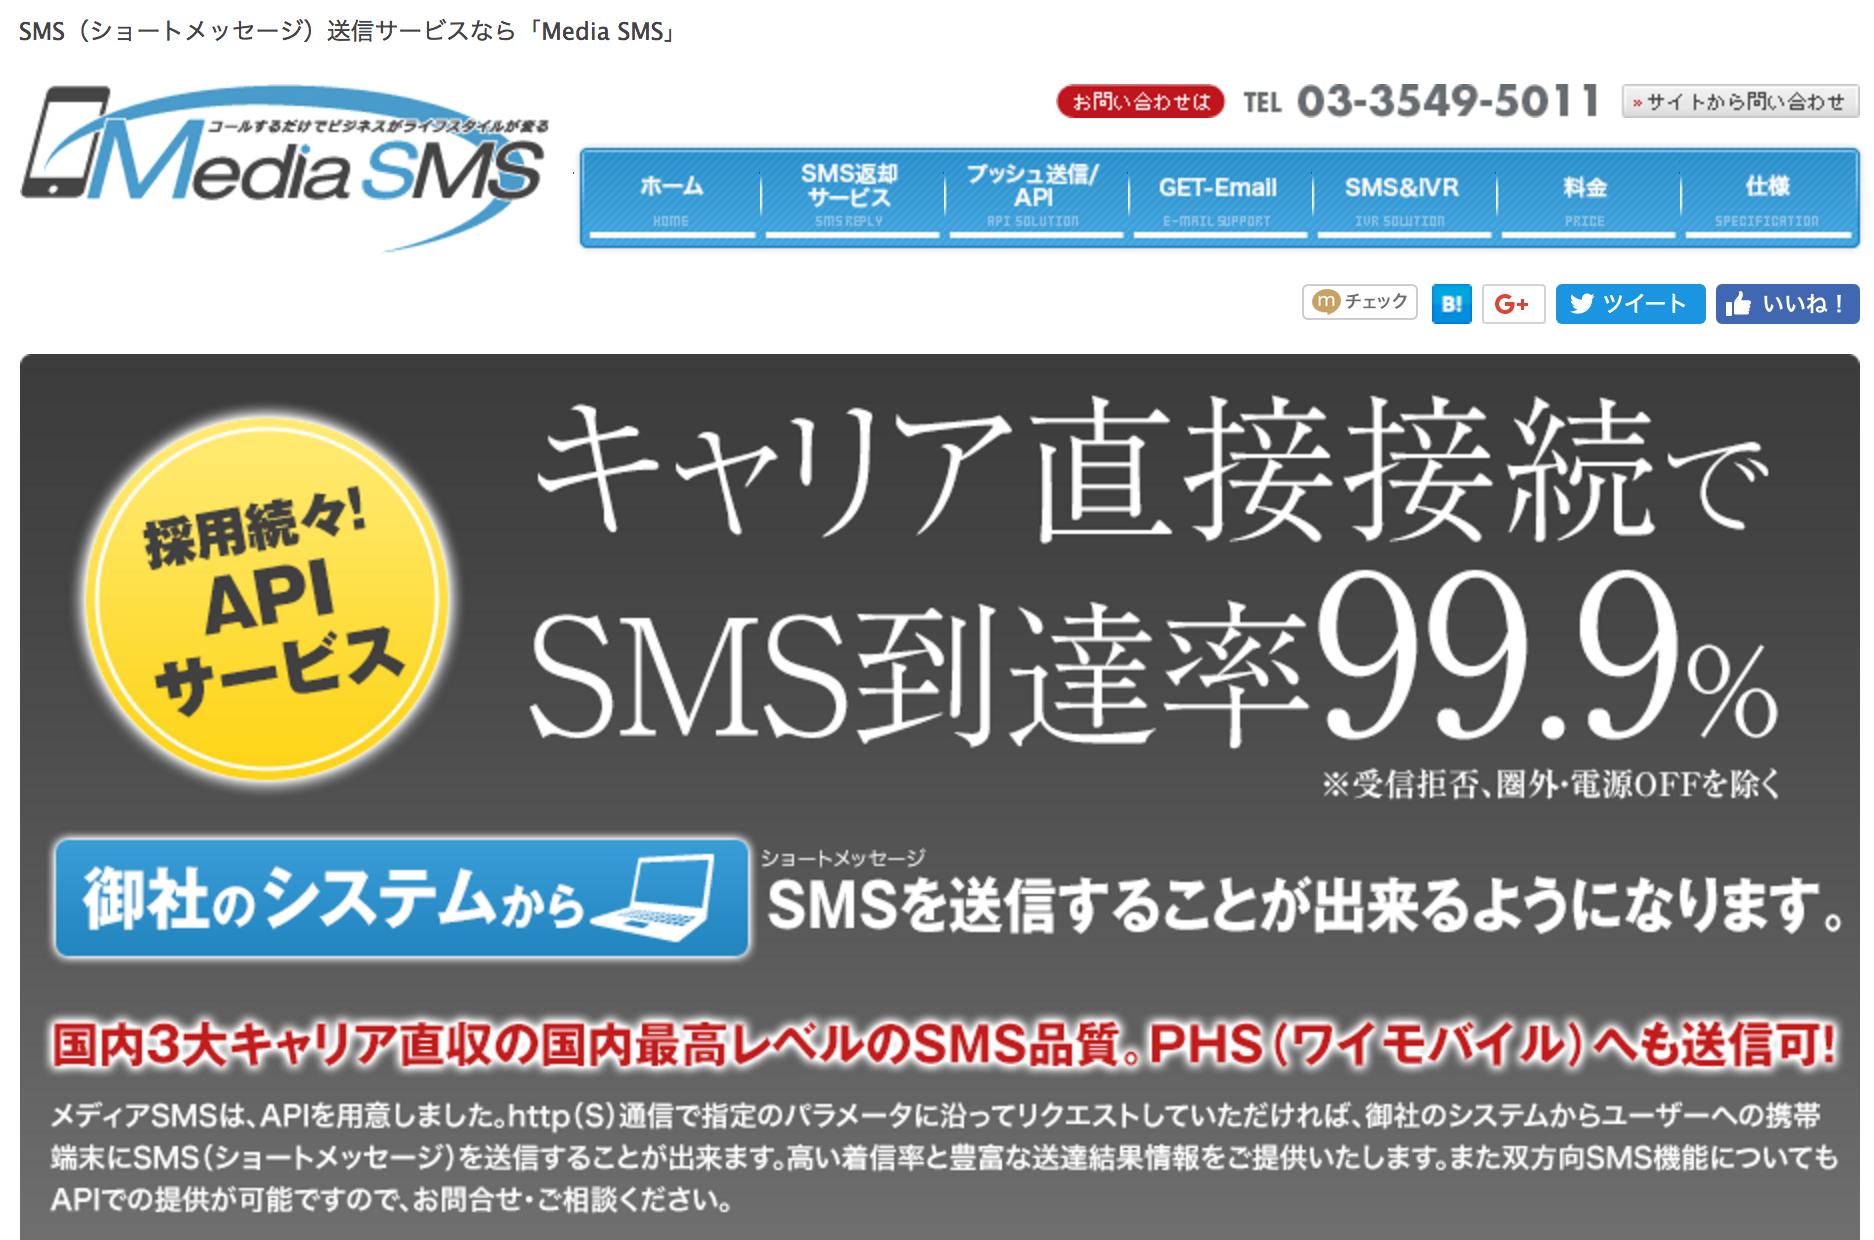 SMSの主要配信事業者メディア4u-MediaSMS